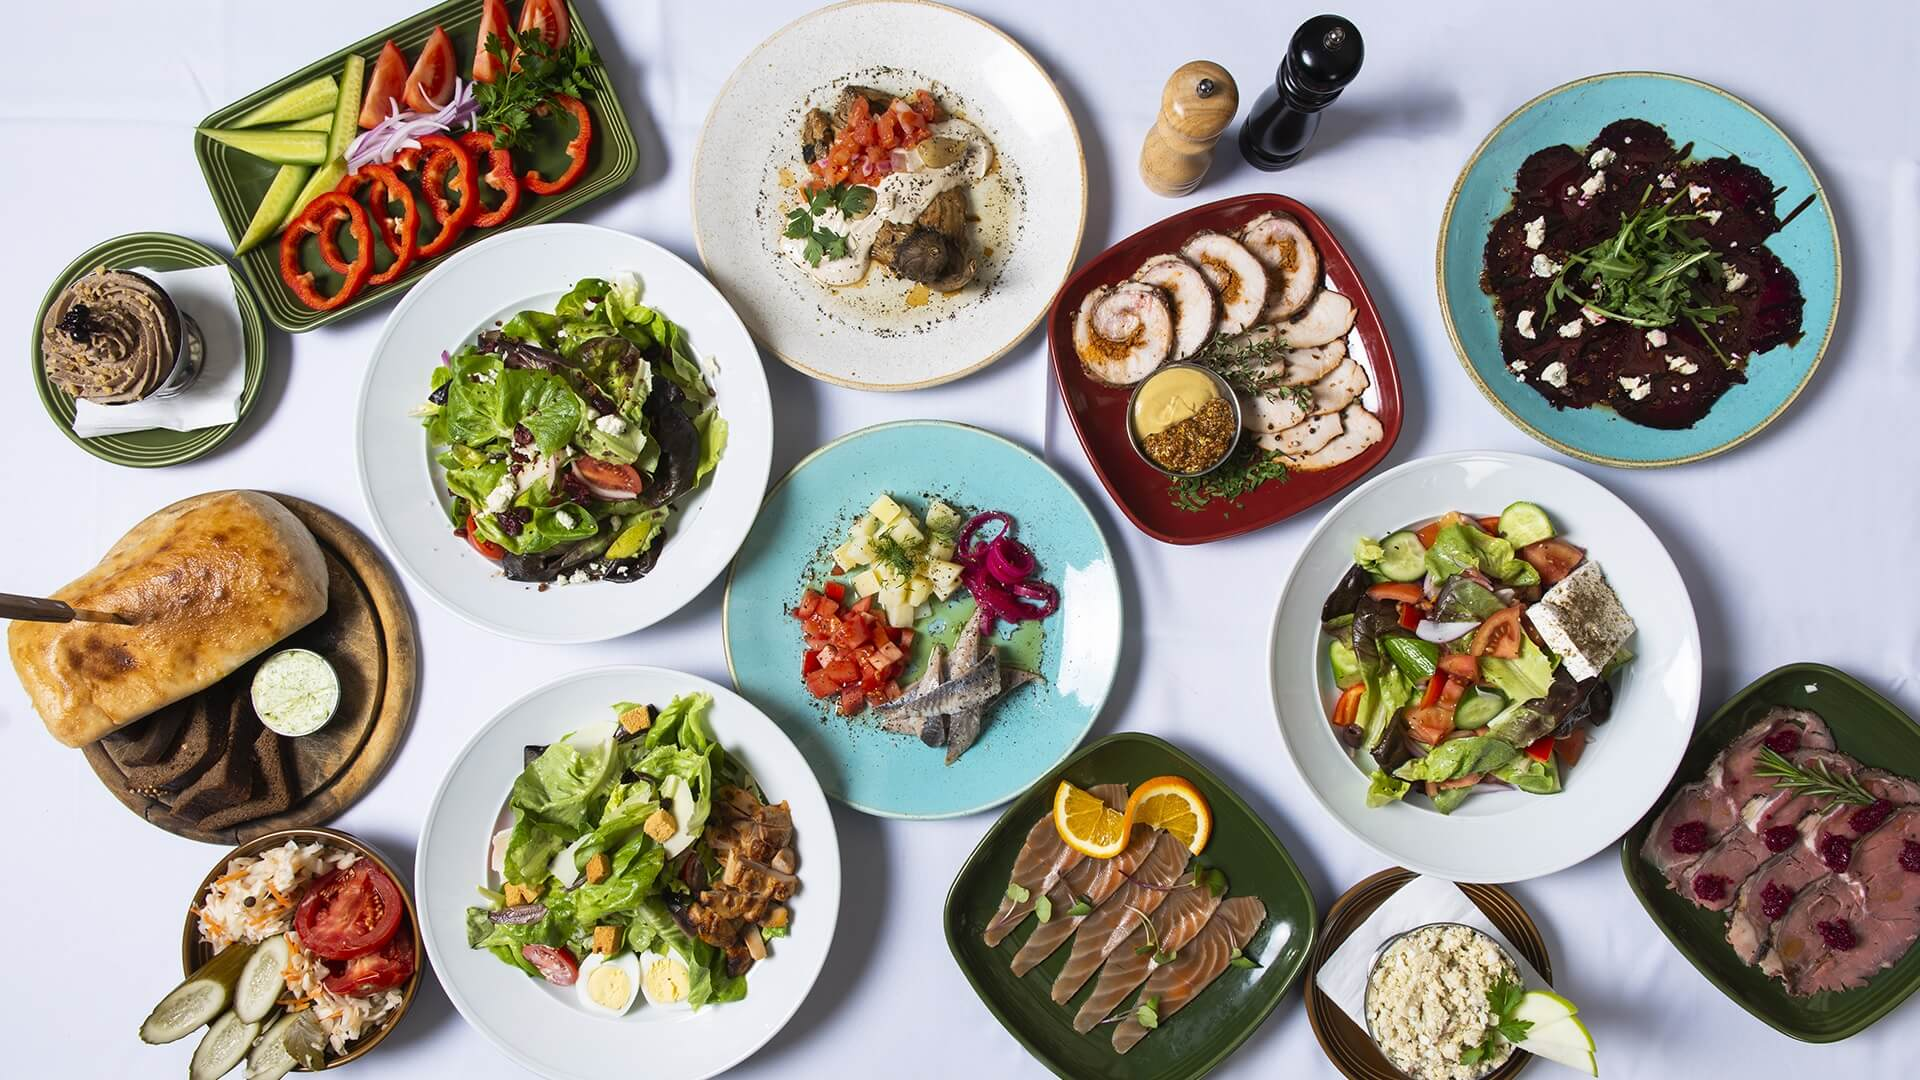 מסעדות טרנדיות תל אביב